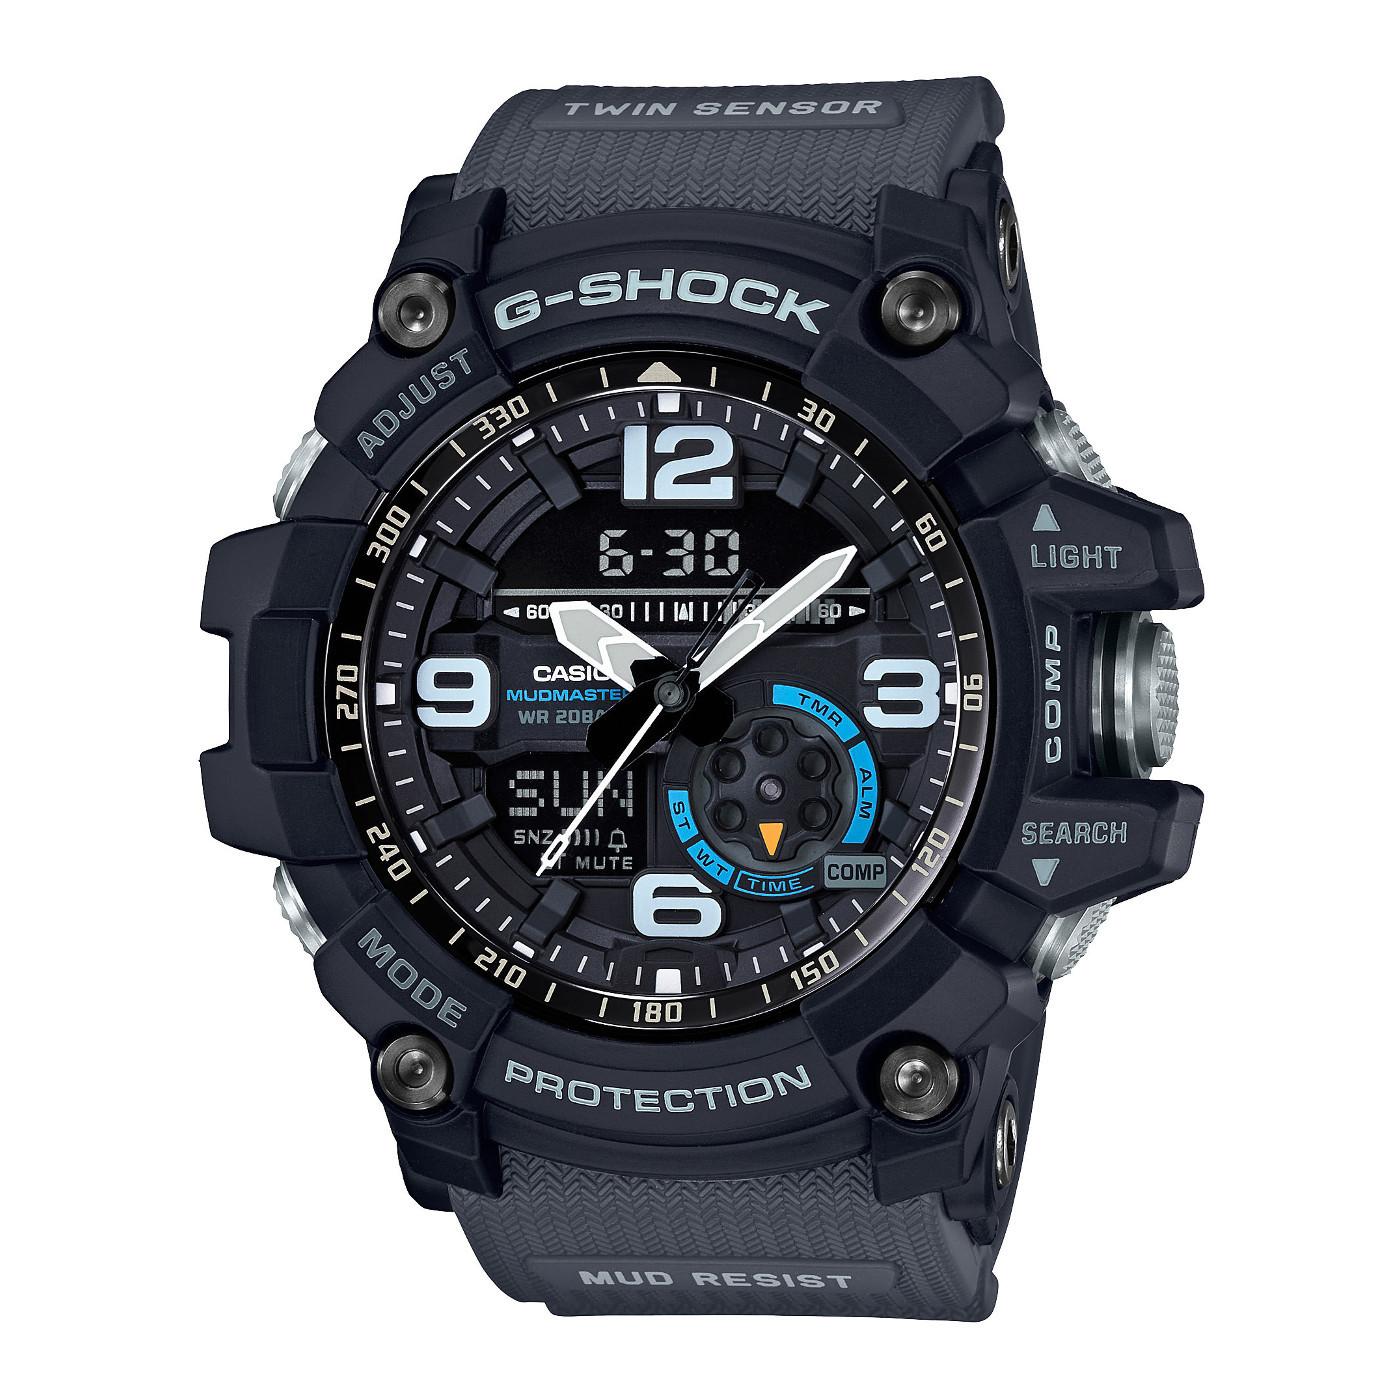 G-Shock Mudmaster Watch GG-1000-1A8ER - Watches fd555e19bbb